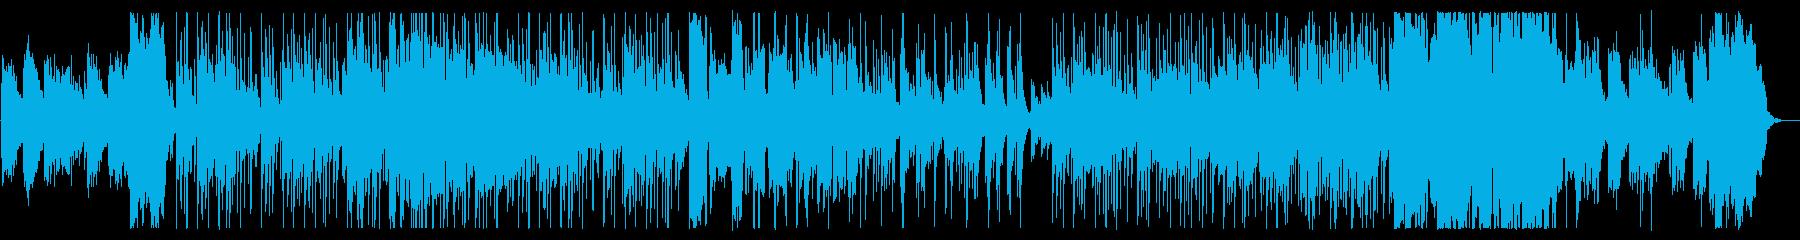 美しく涼しげな弦管楽器シンセサウンドの再生済みの波形